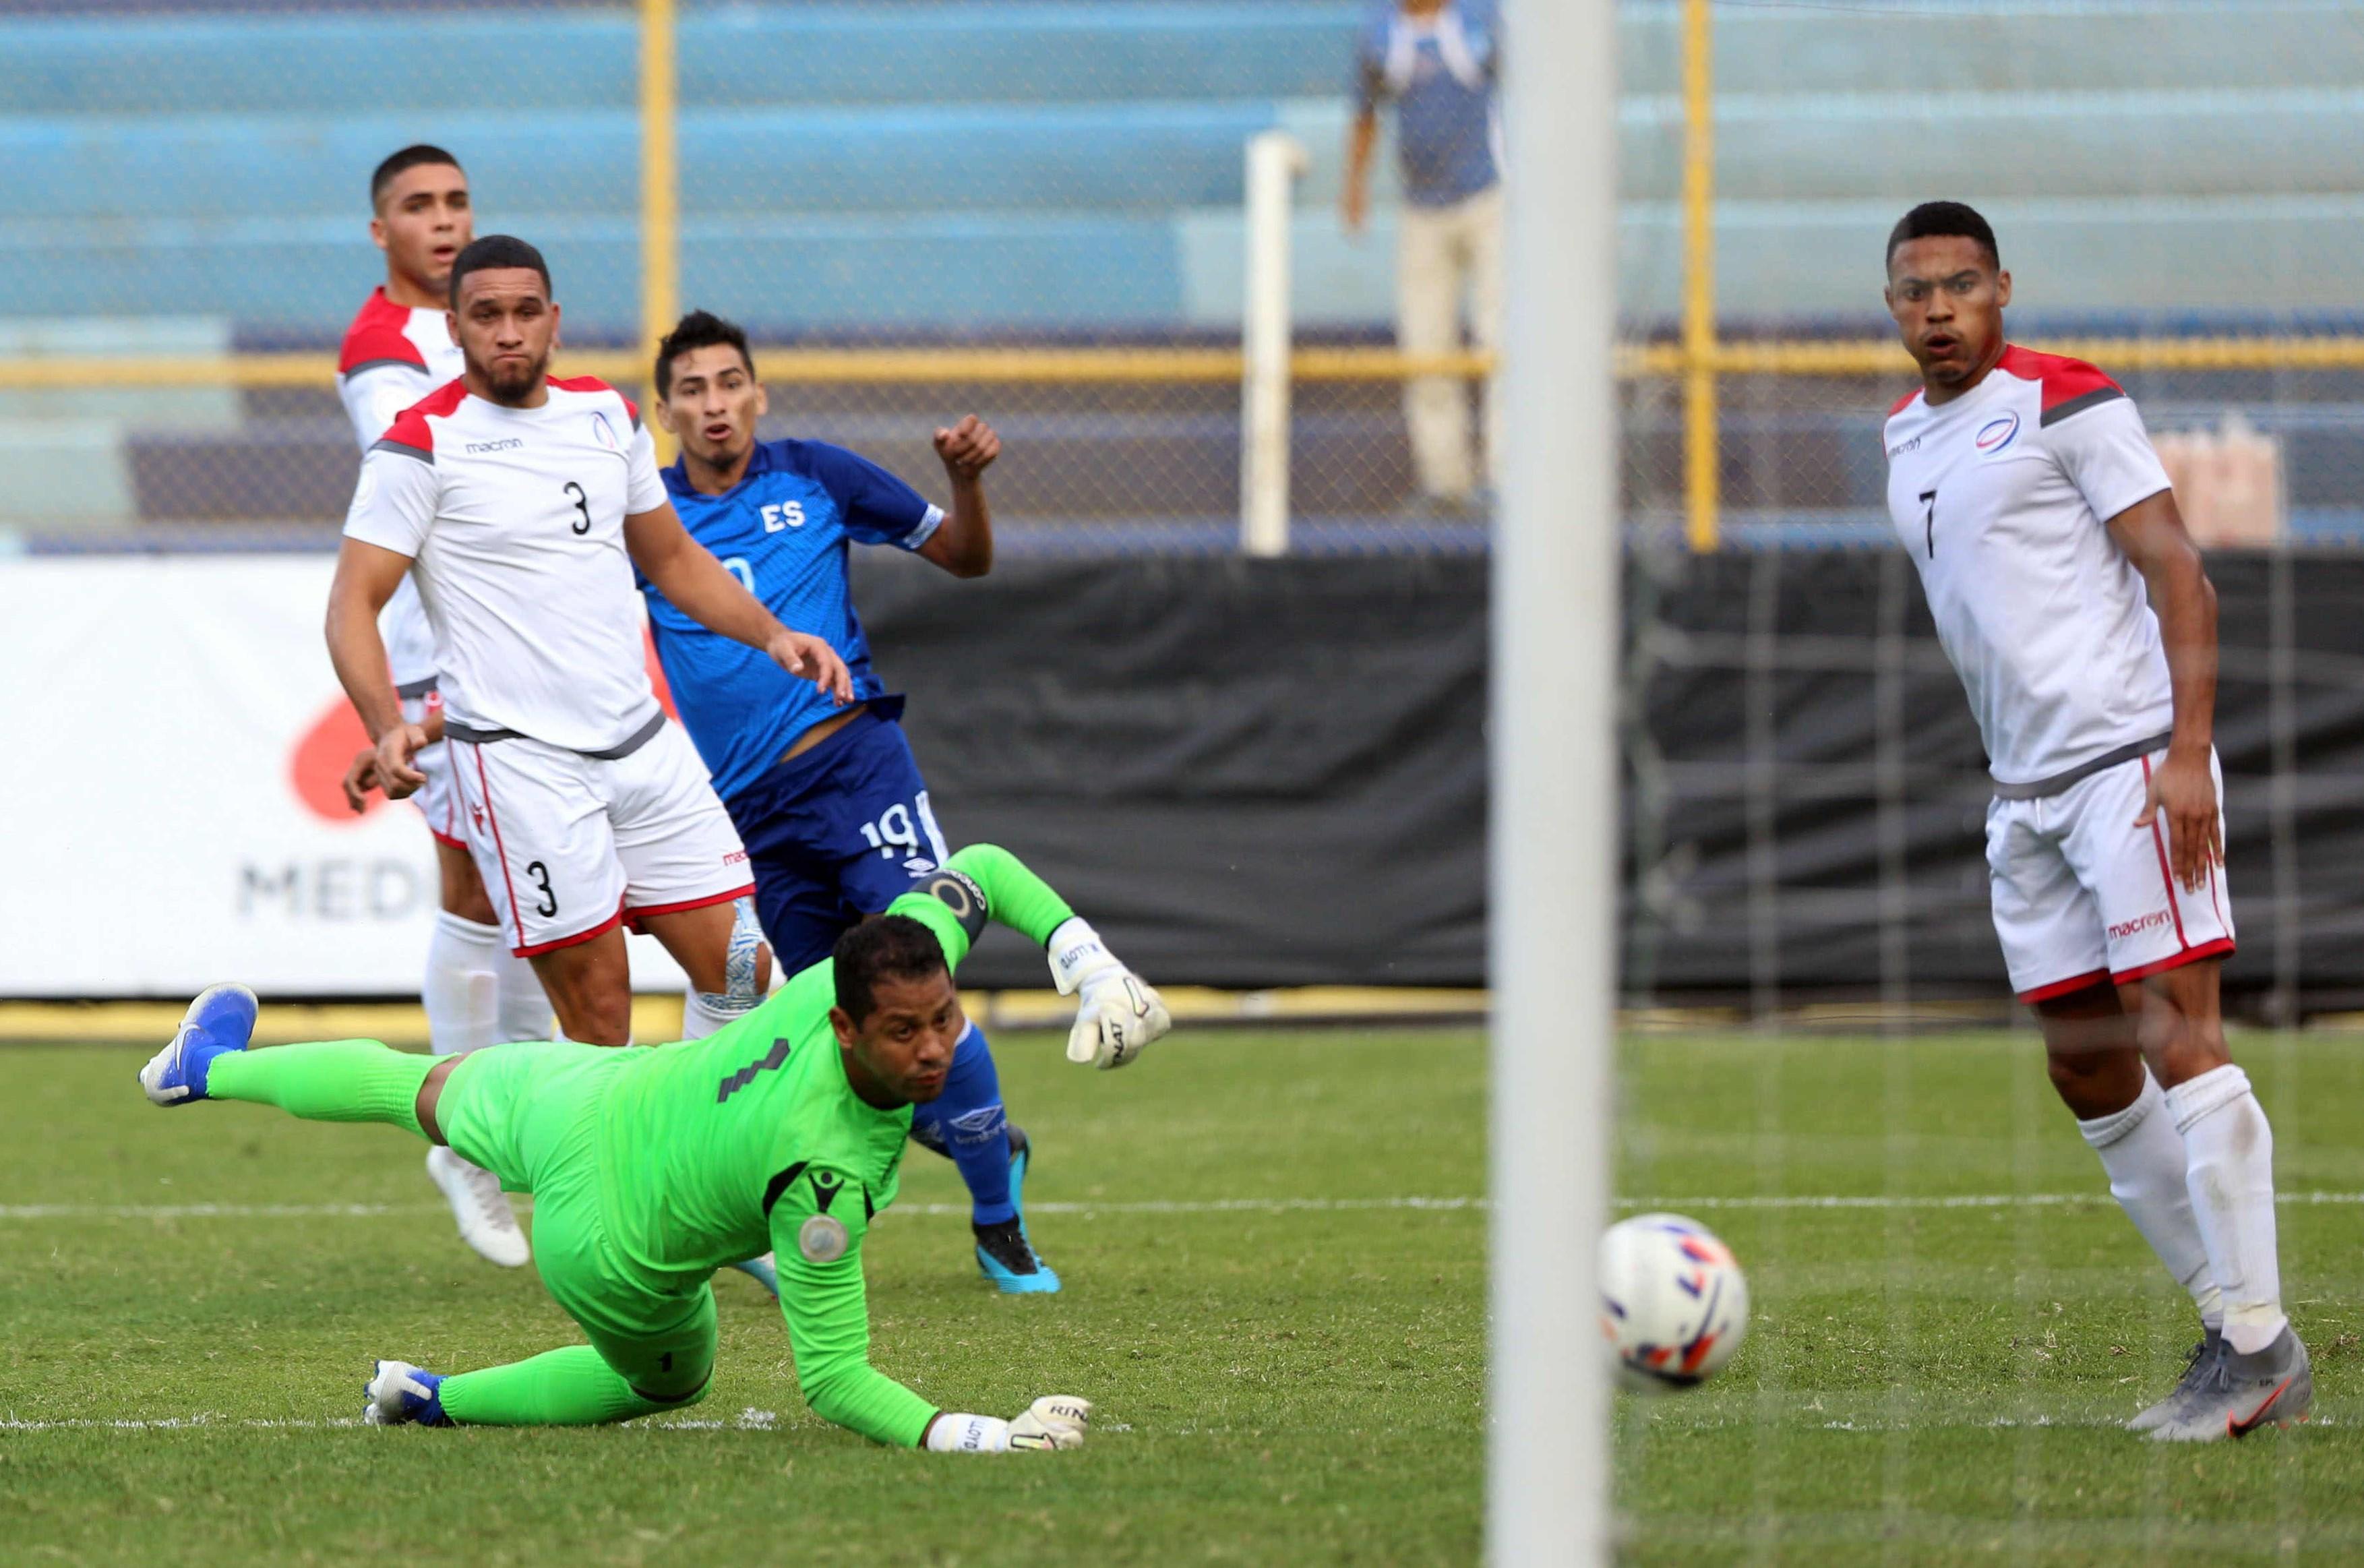 Liga de Naciones CONCACAF 2019: El Salvador 2 La Republica Dominicana 0. EJxn09XXUAQE8am?format=jpg&name=4096x4096